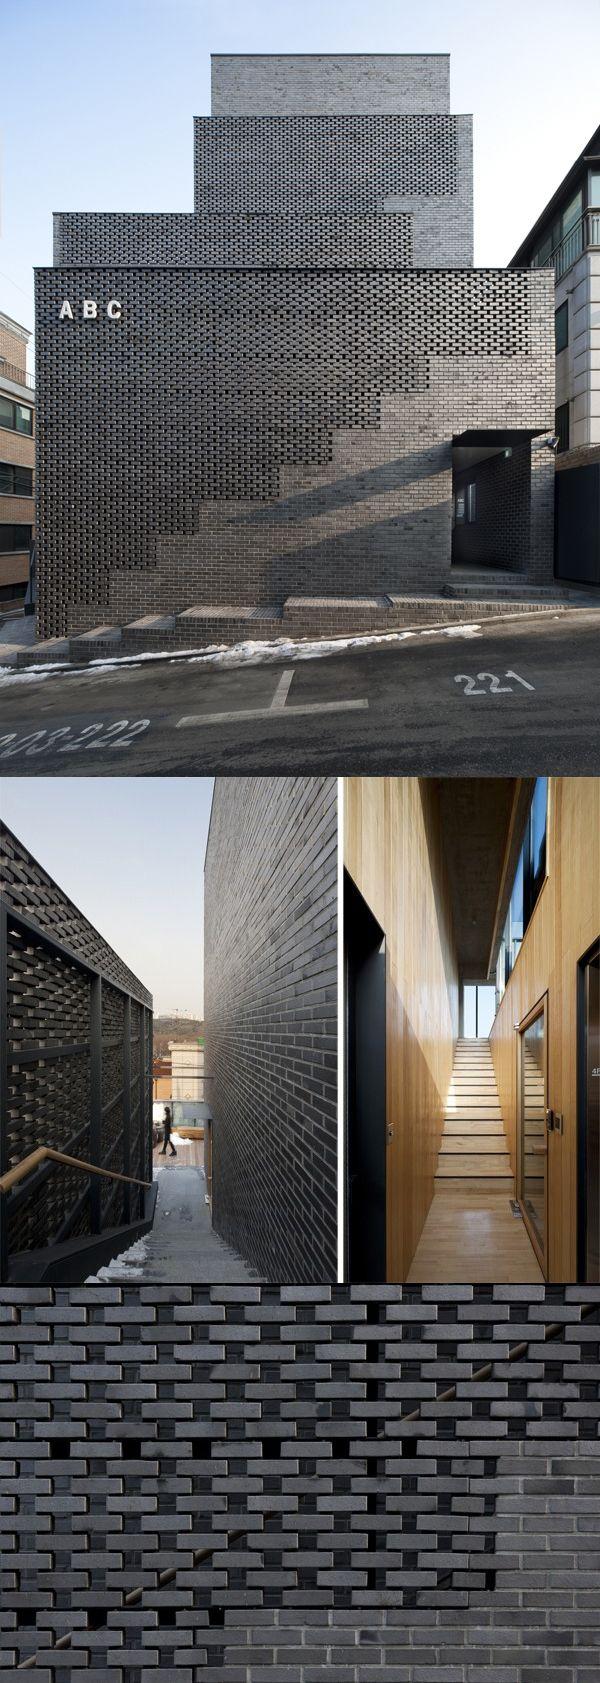 Fachada de ladrillo negro, muro exterior al edificio, sobre la escalera, refuerzo de estructura metalica camuflado. ABC Building.